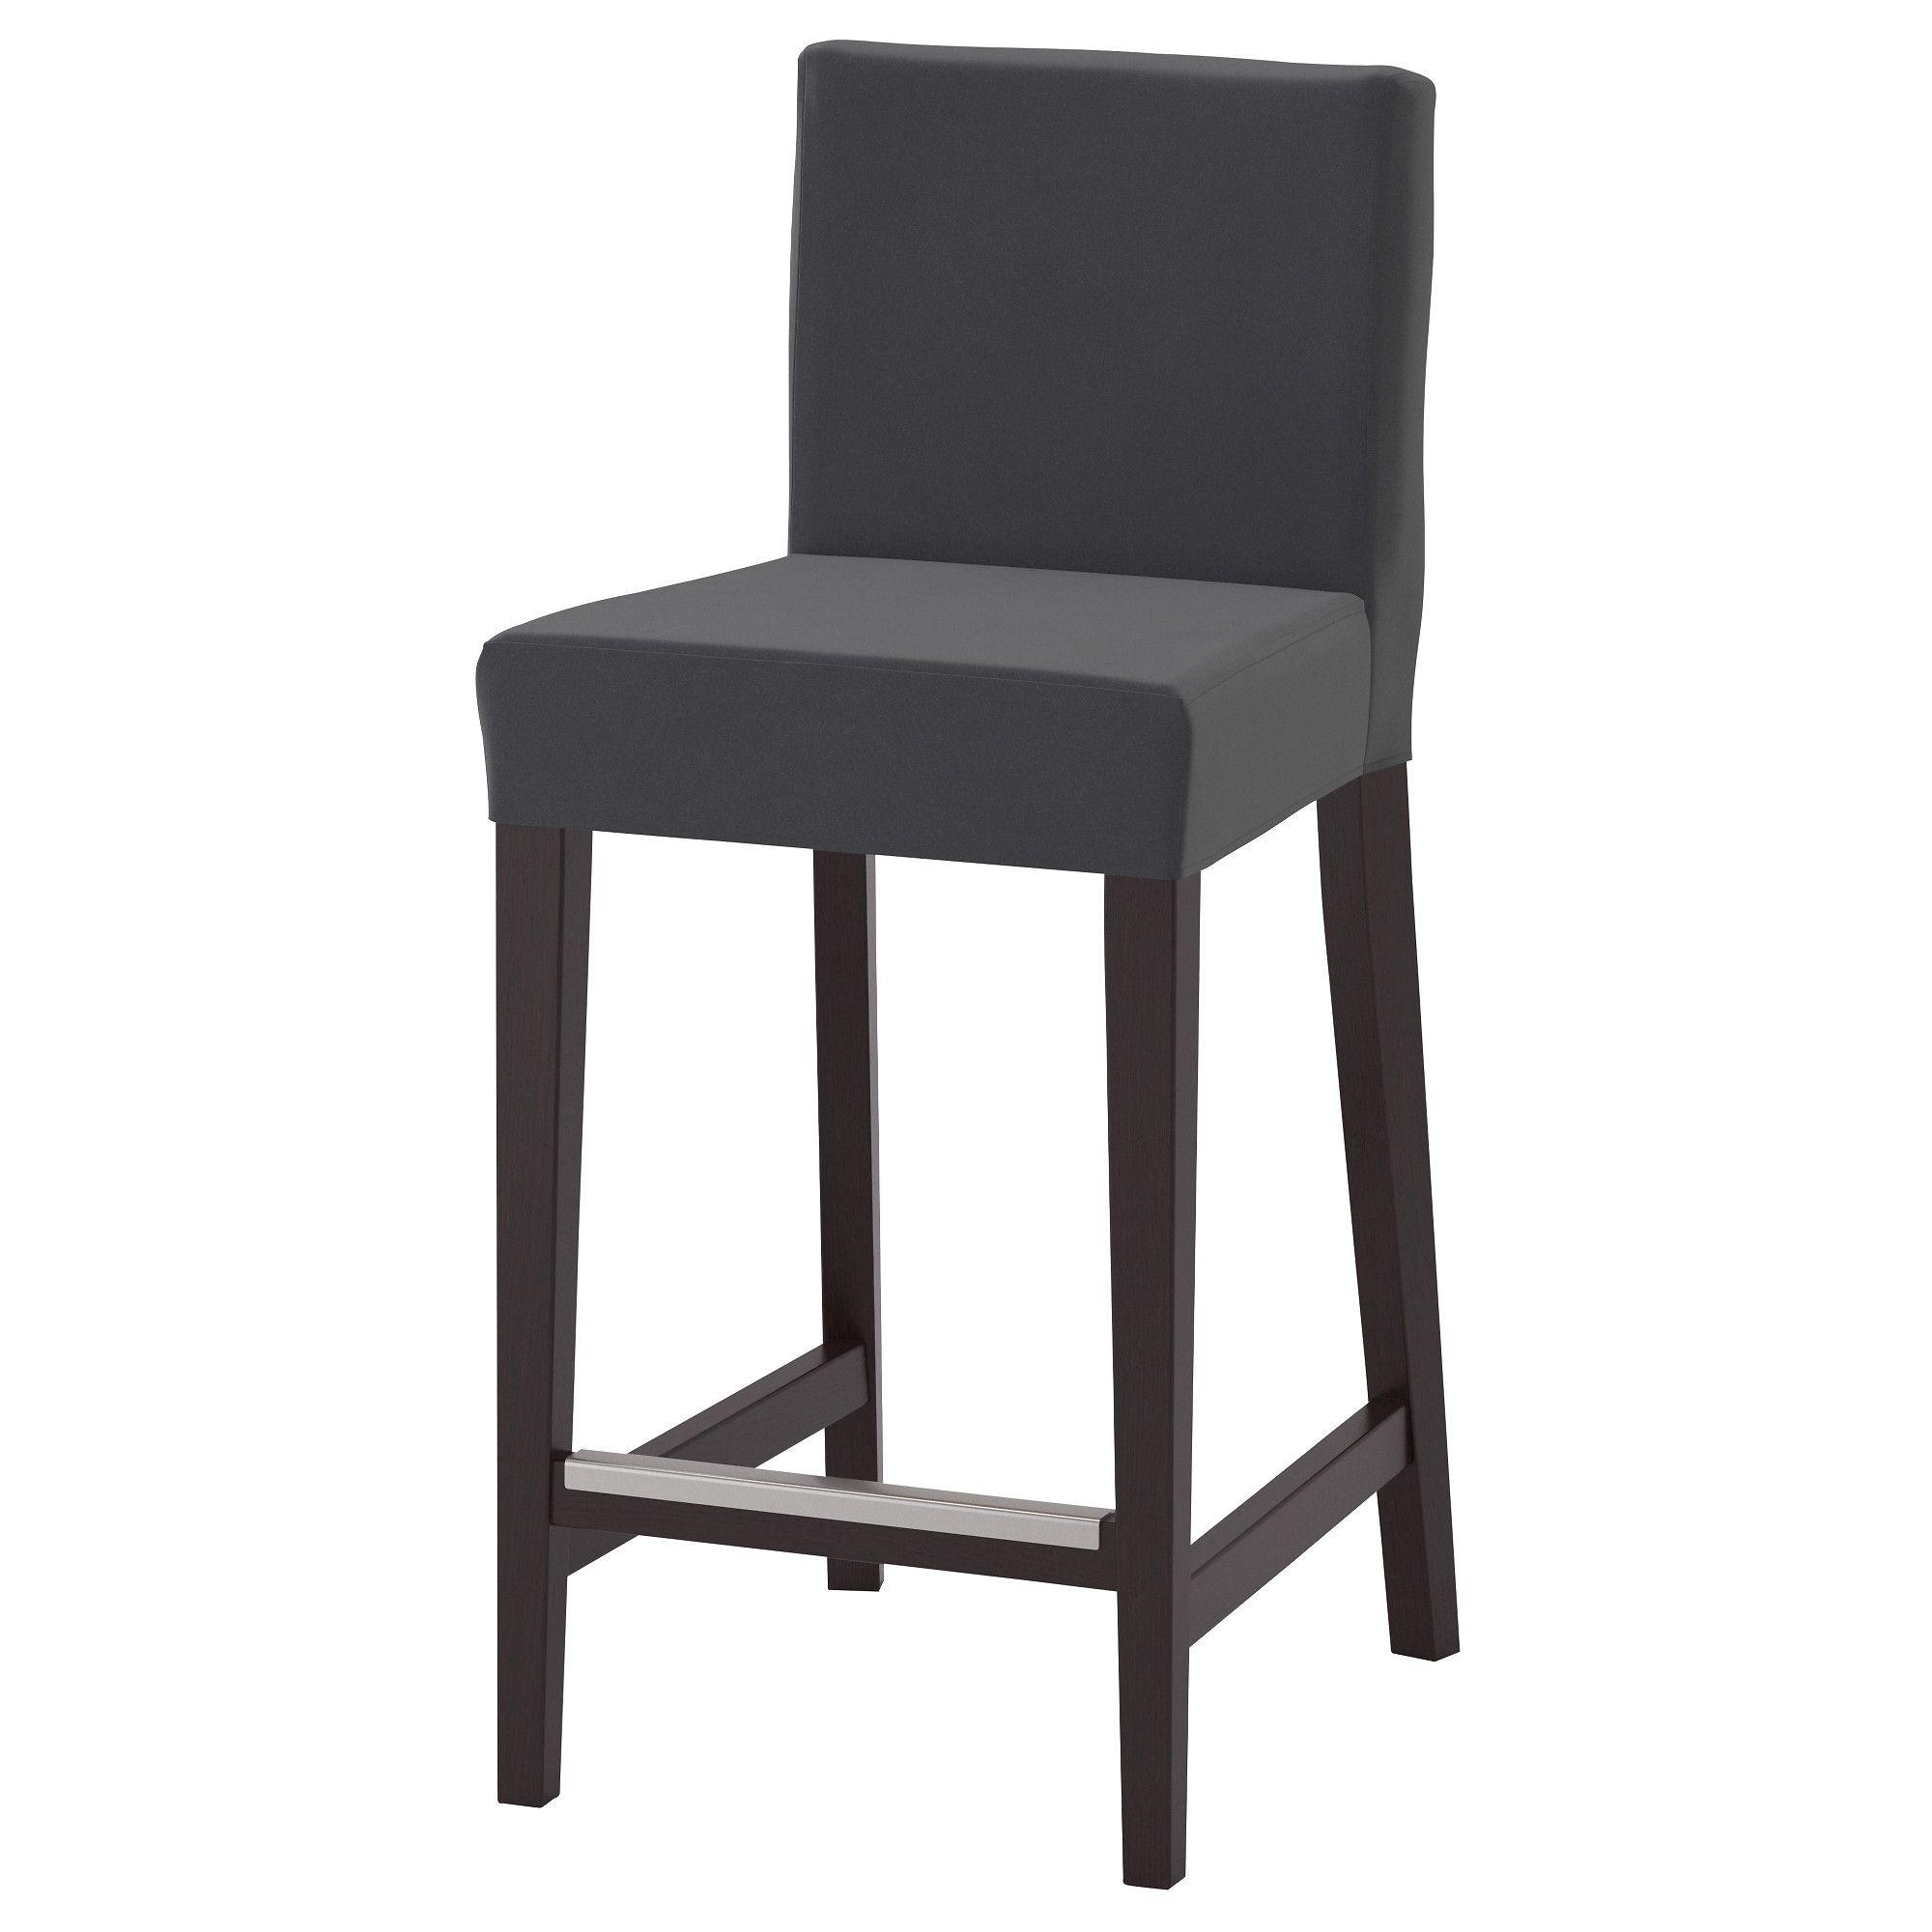 Stuhl Ikea Leder Mit Teal Henriksdal Barhocker LehneBraunSchwarz VqMSUzp